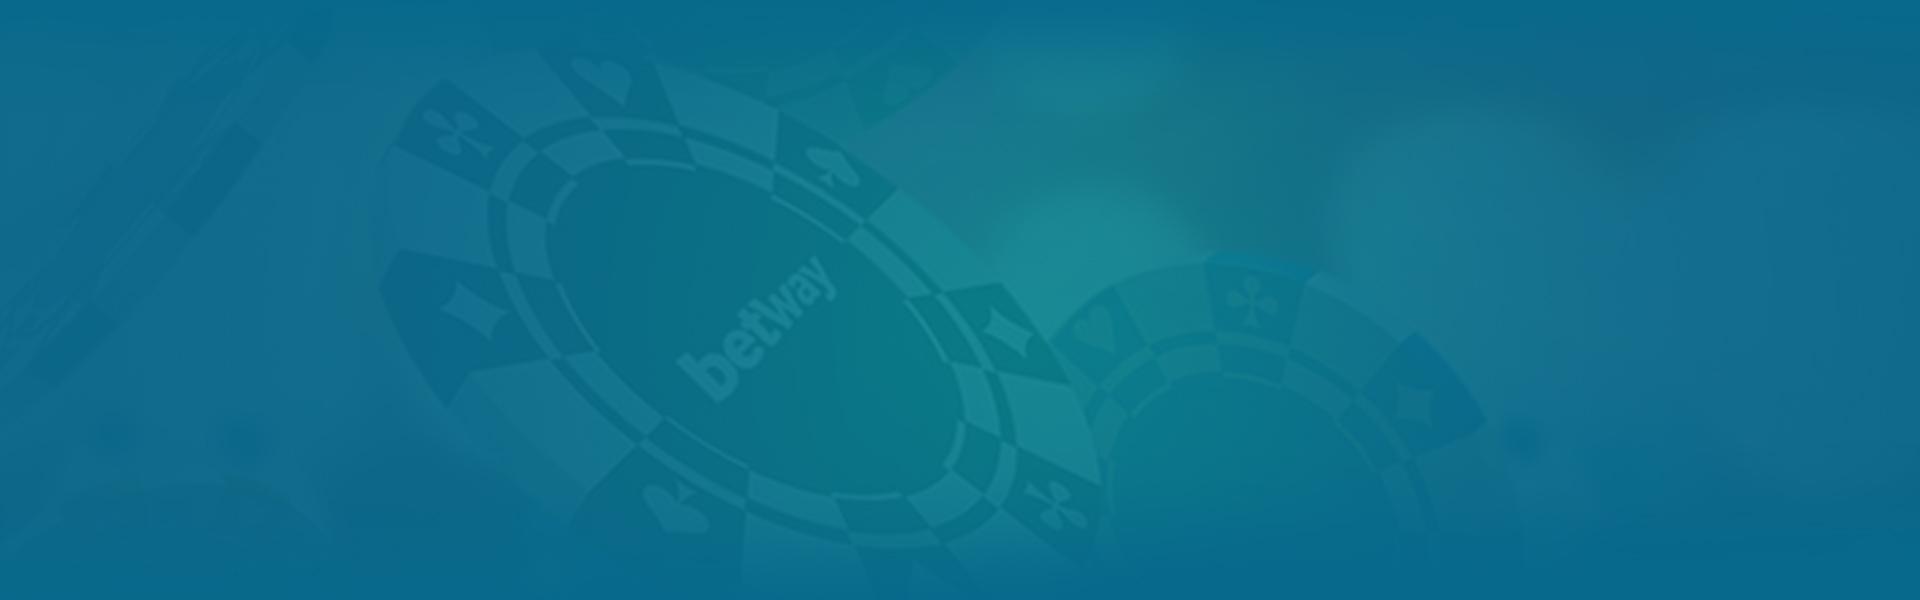 Swiss Casinos -538013